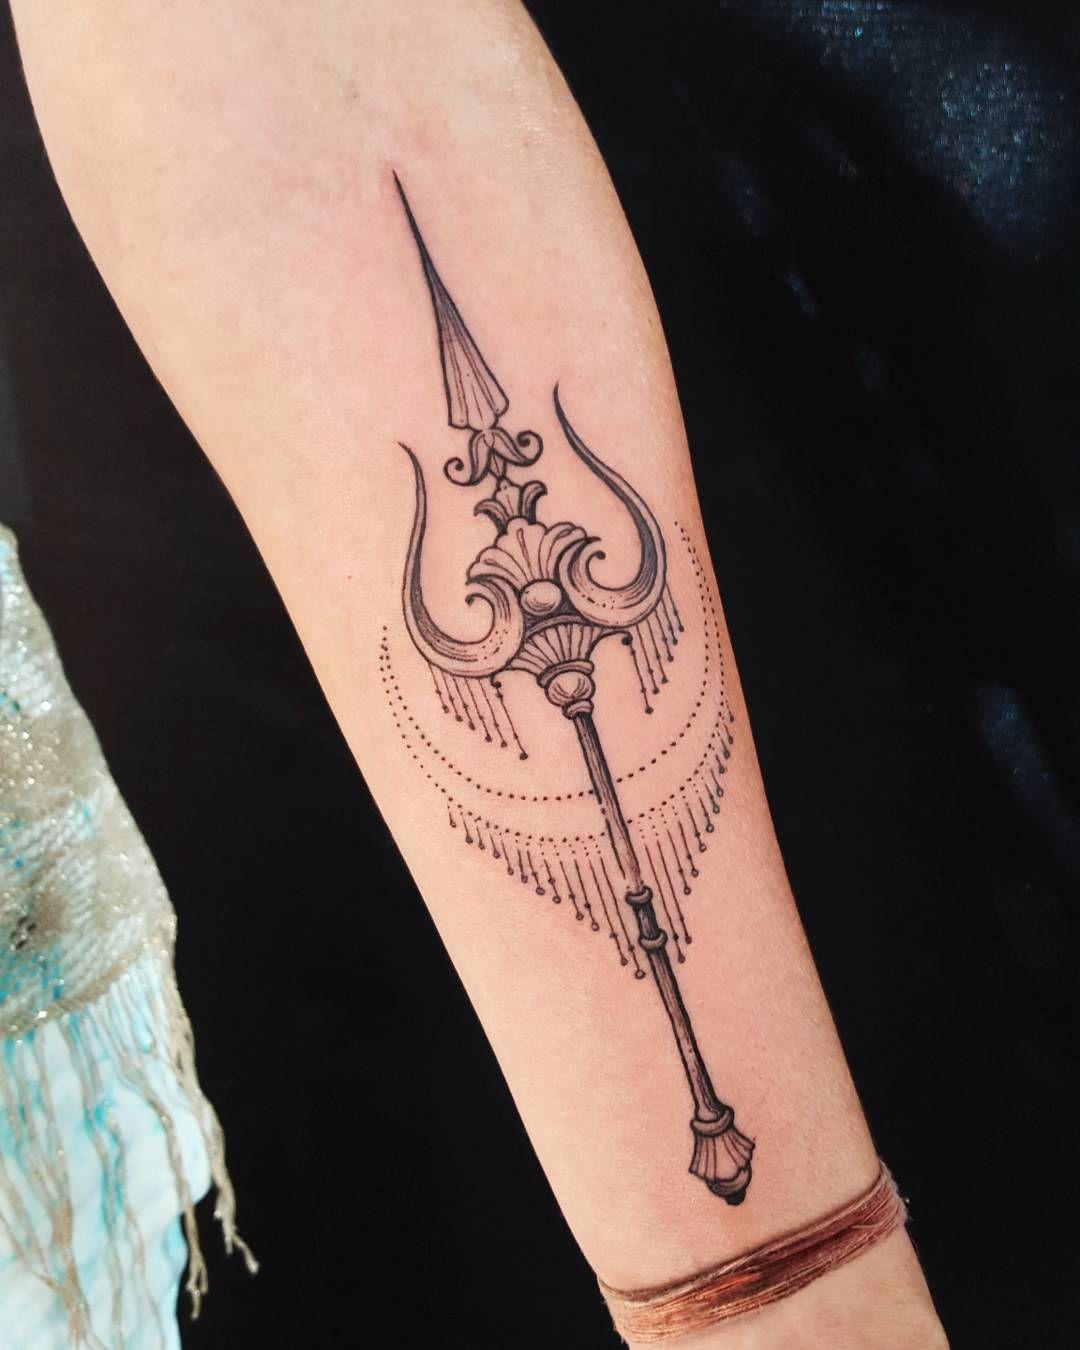 Trishula de Shiva. by briangomes Shiva tattoo design